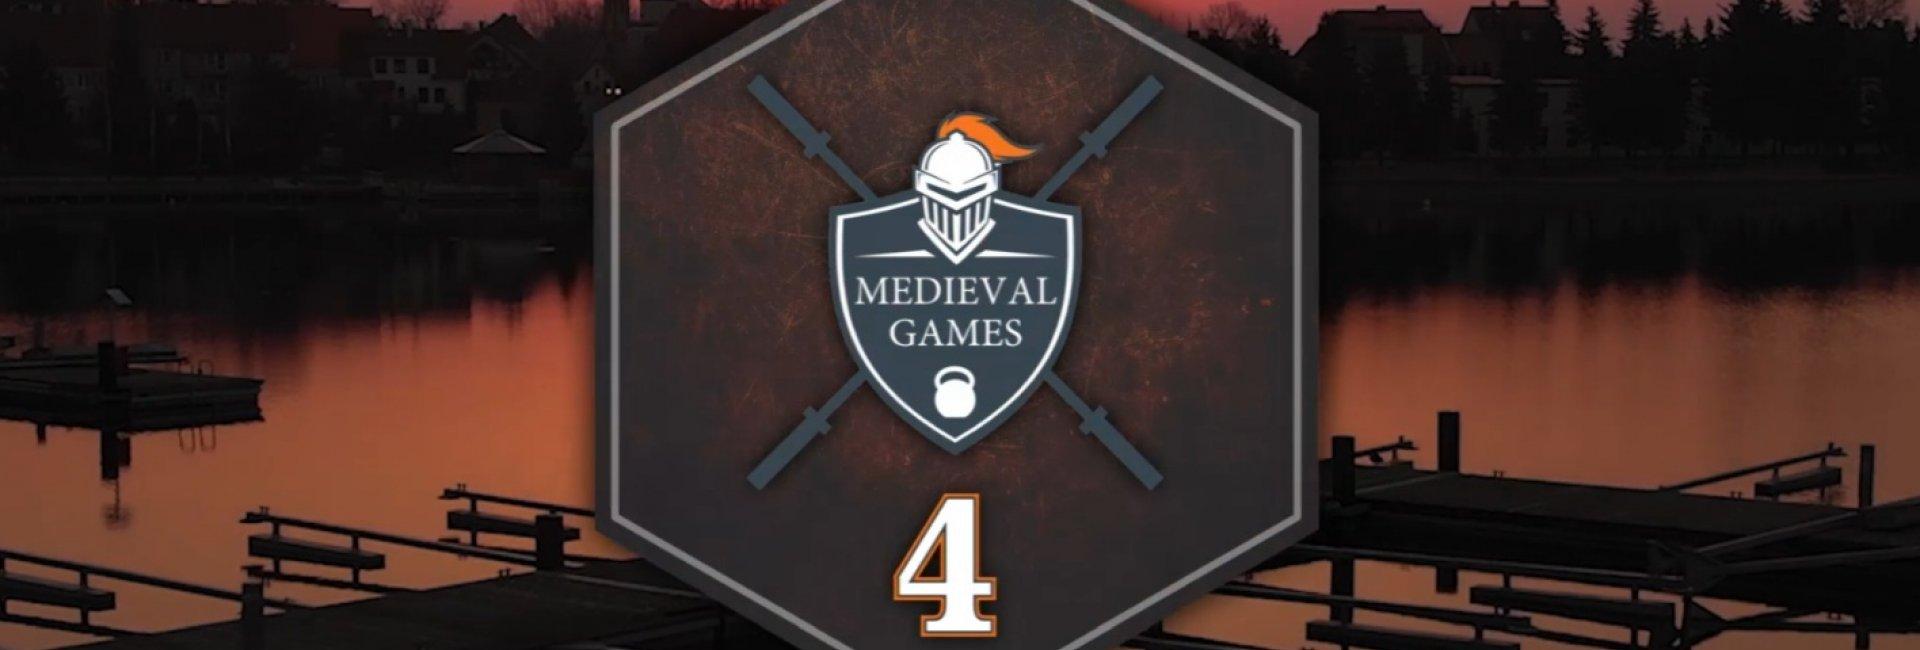 Medieval Games 2021